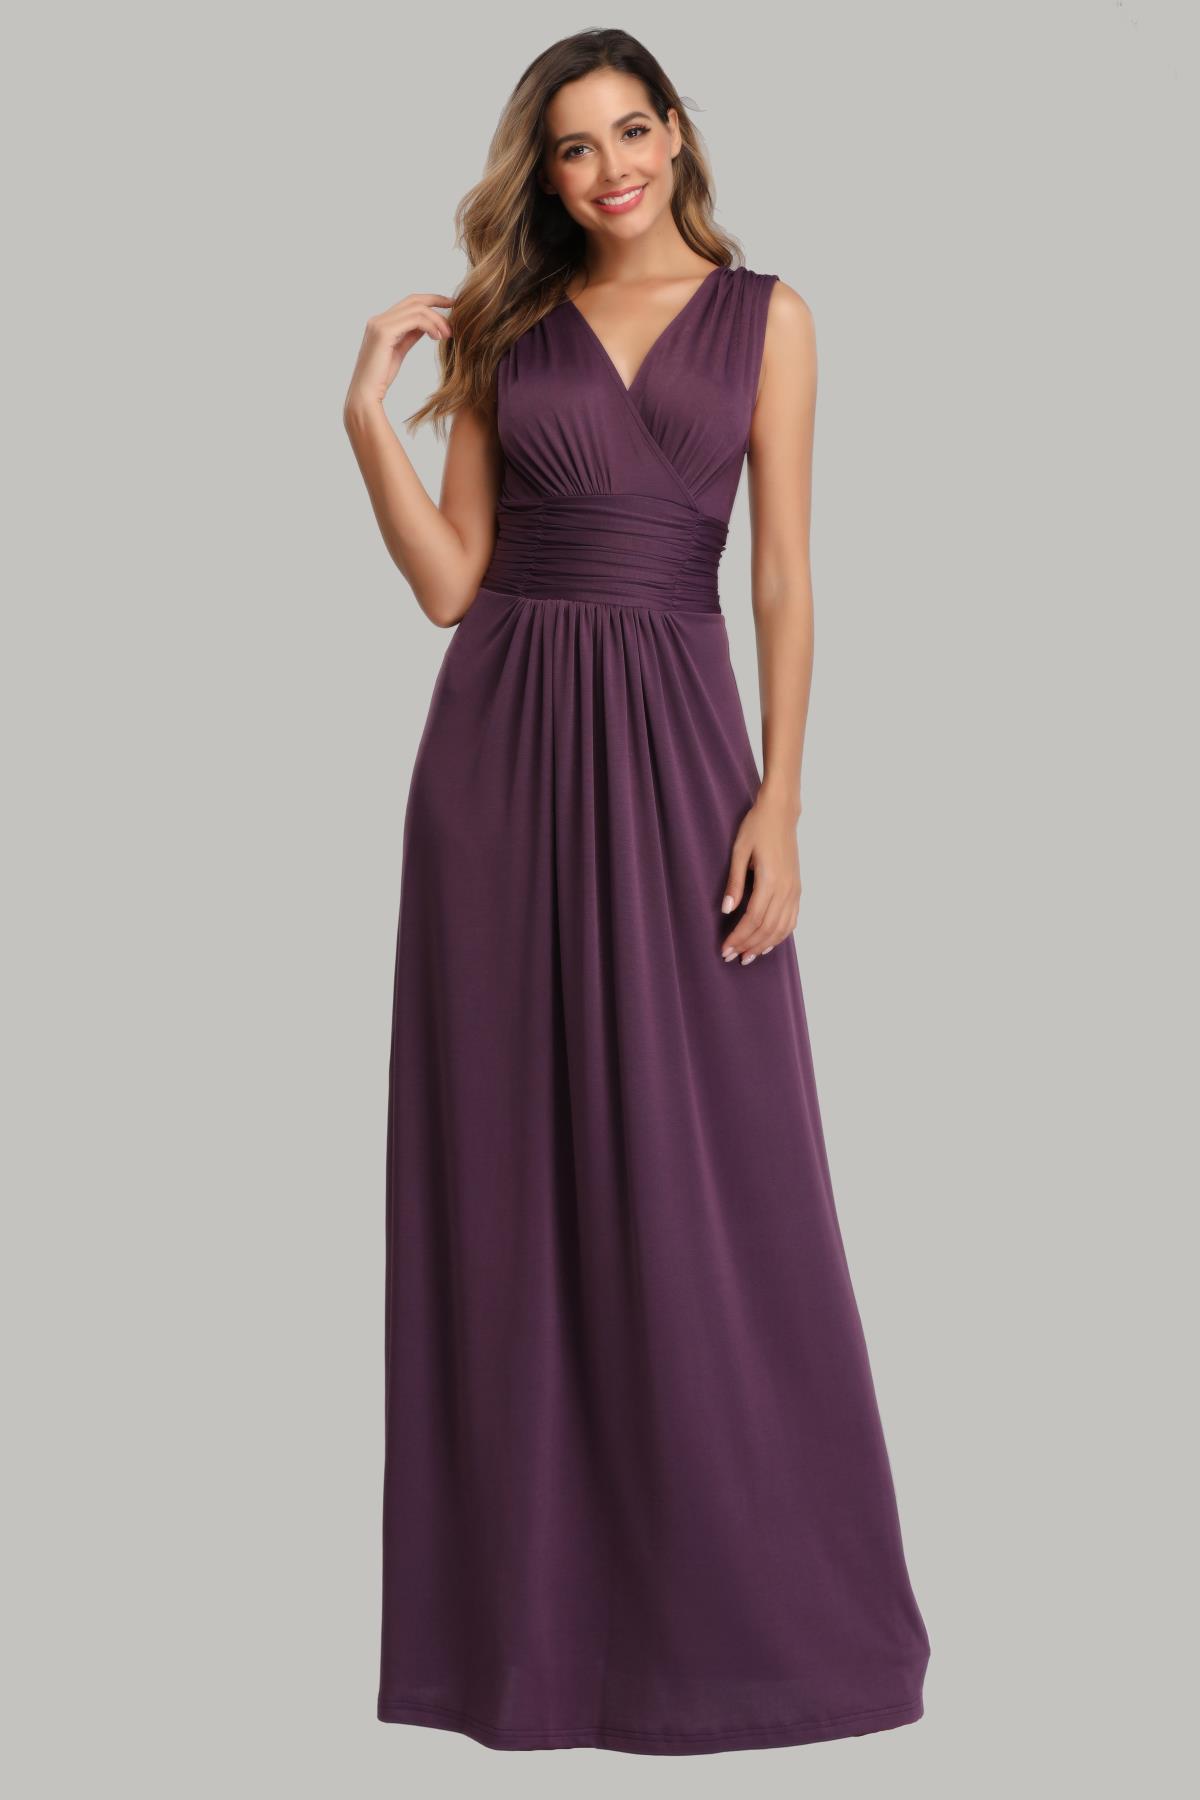 robe de soirée grande taille violette col v